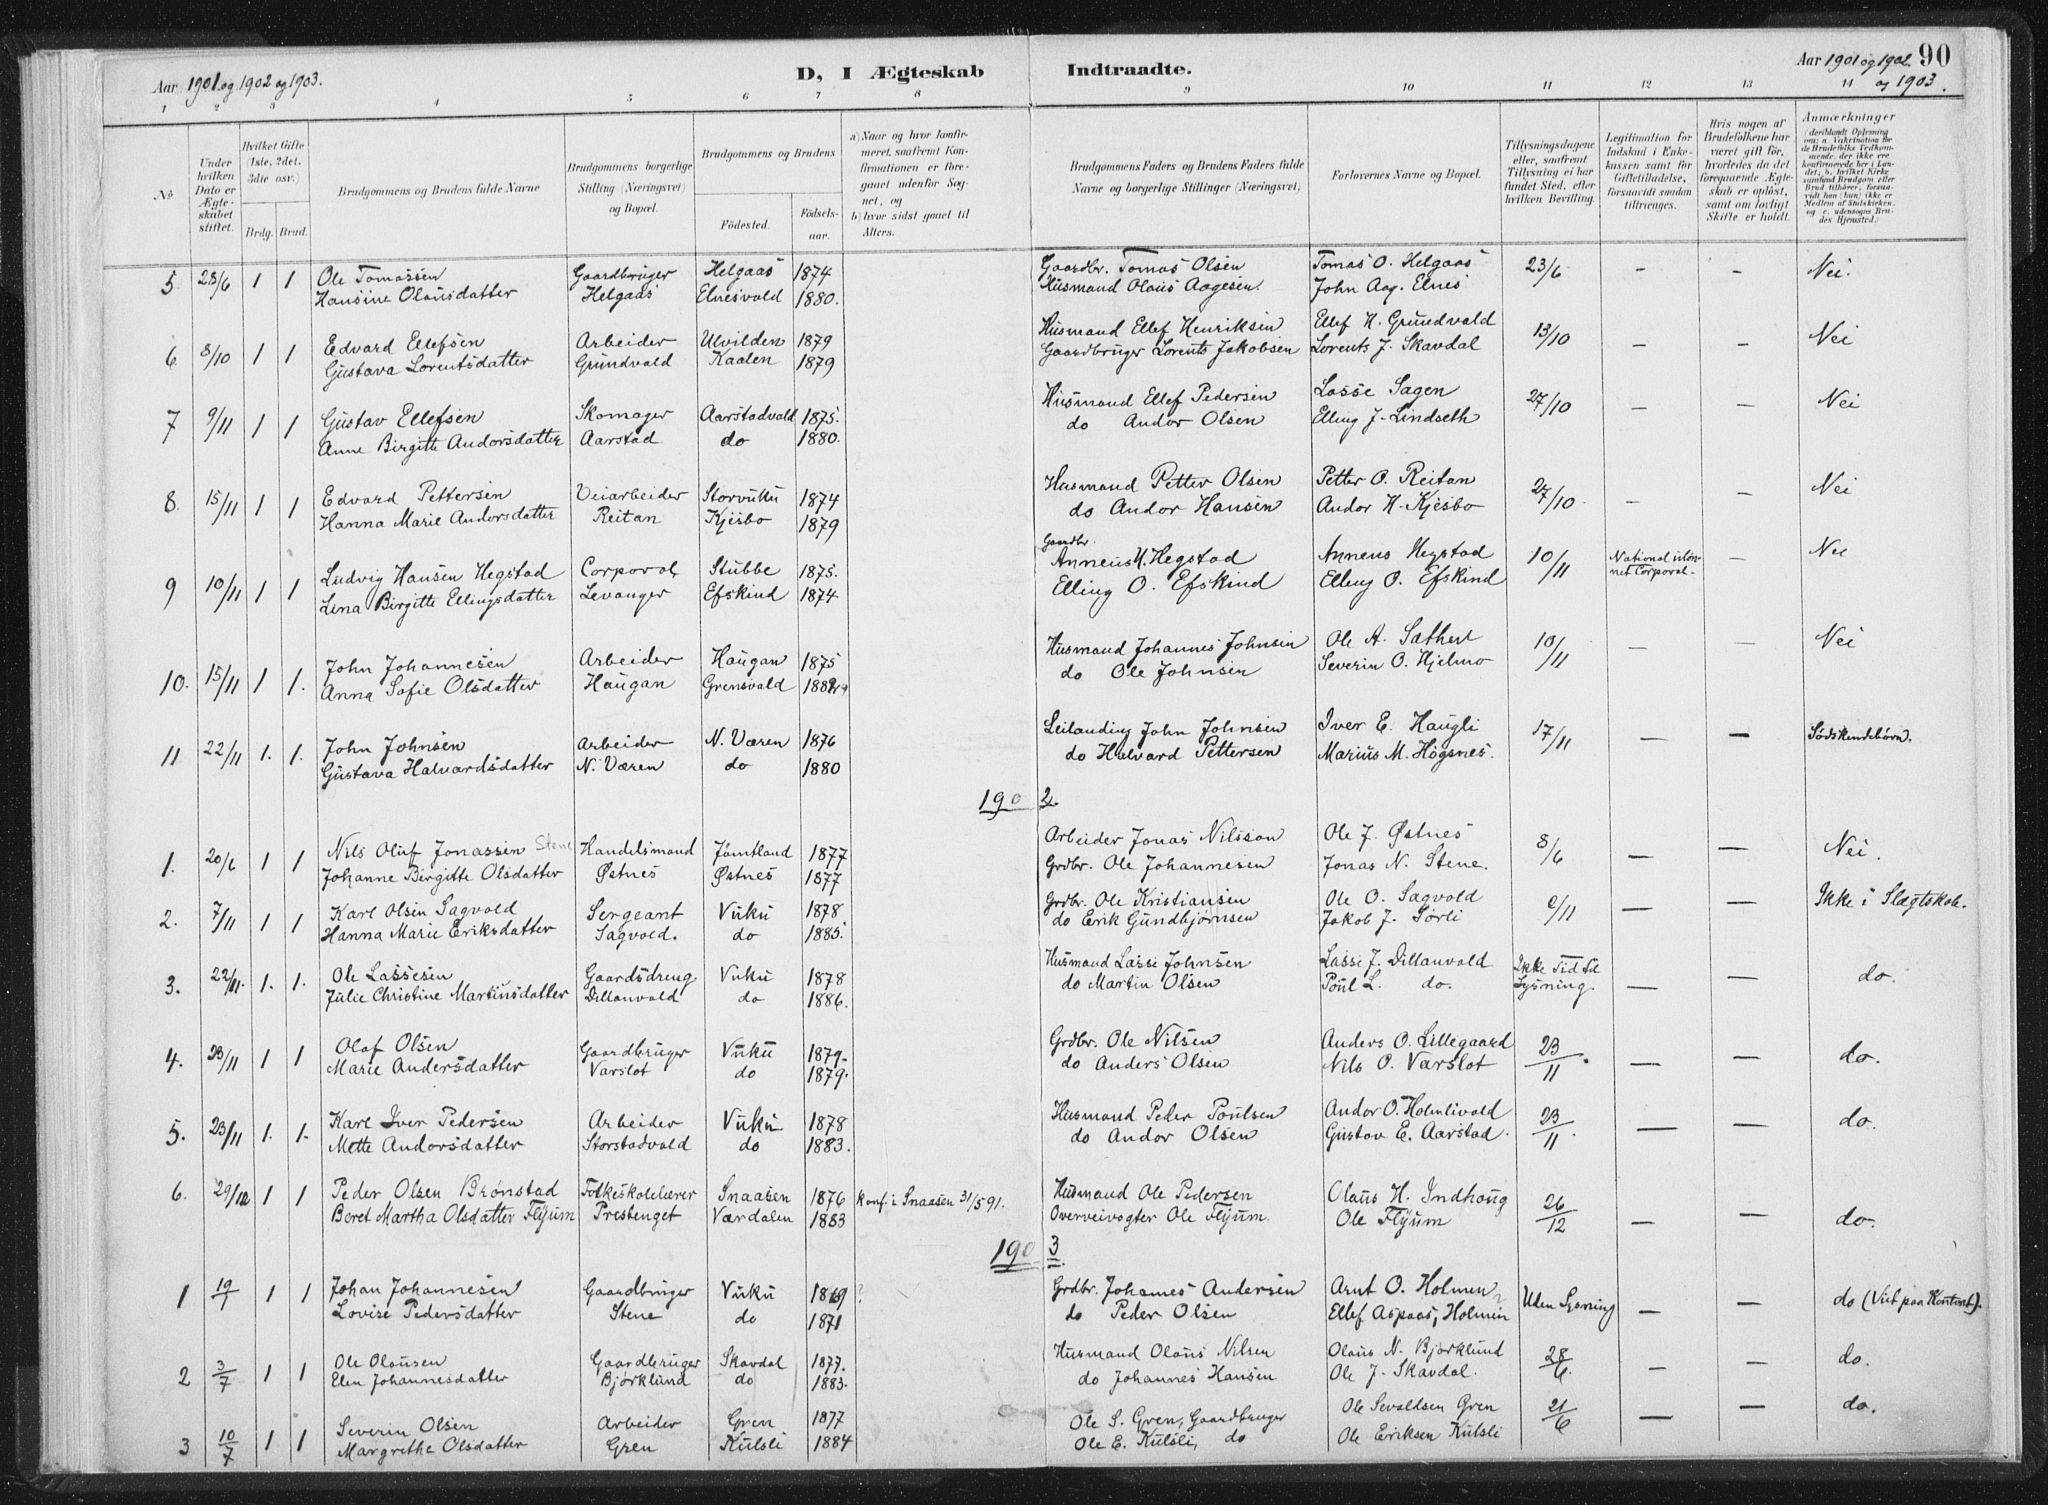 SAT, Ministerialprotokoller, klokkerbøker og fødselsregistre - Nord-Trøndelag, 724/L0263: Ministerialbok nr. 724A01, 1891-1907, s. 90